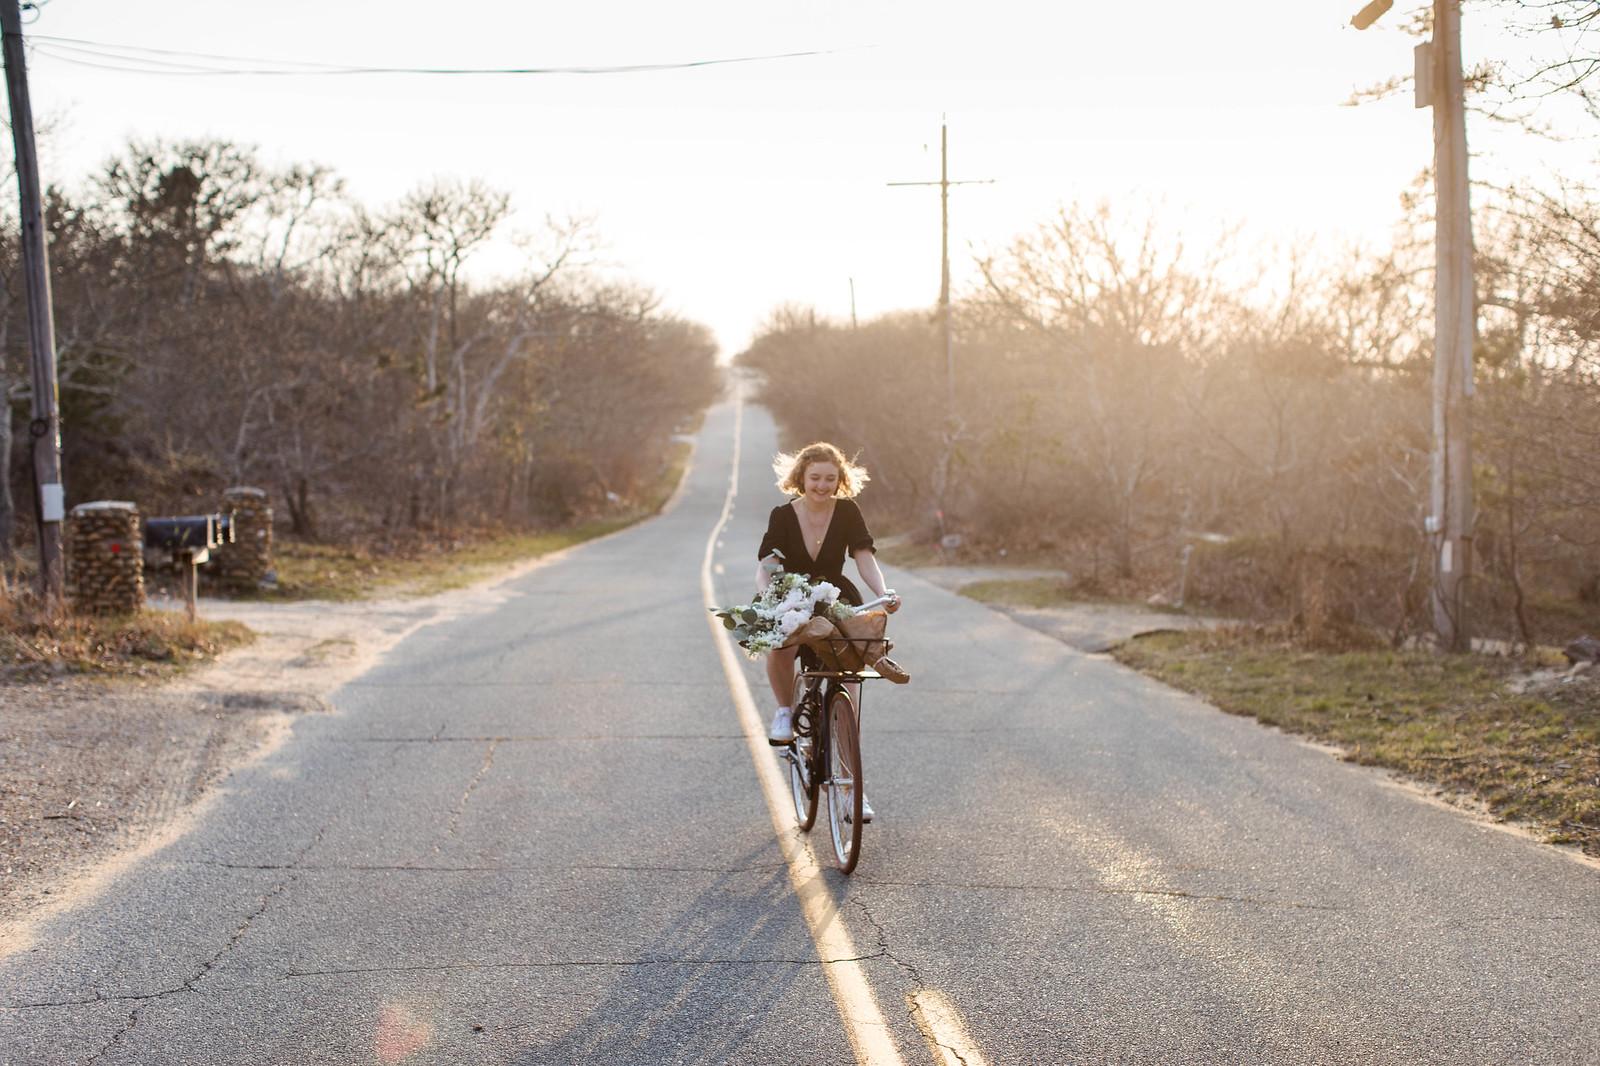 biking in a dress on juliettelaura.blogspot.com